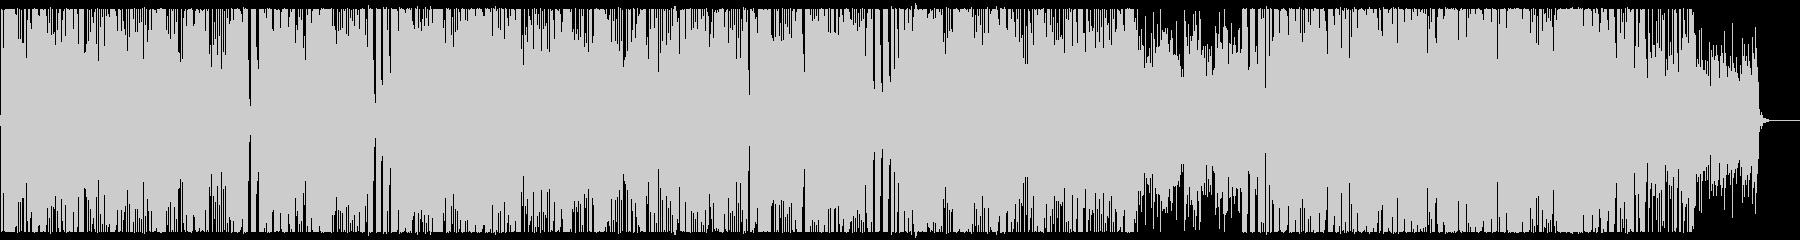 ナイトクルージンの未再生の波形